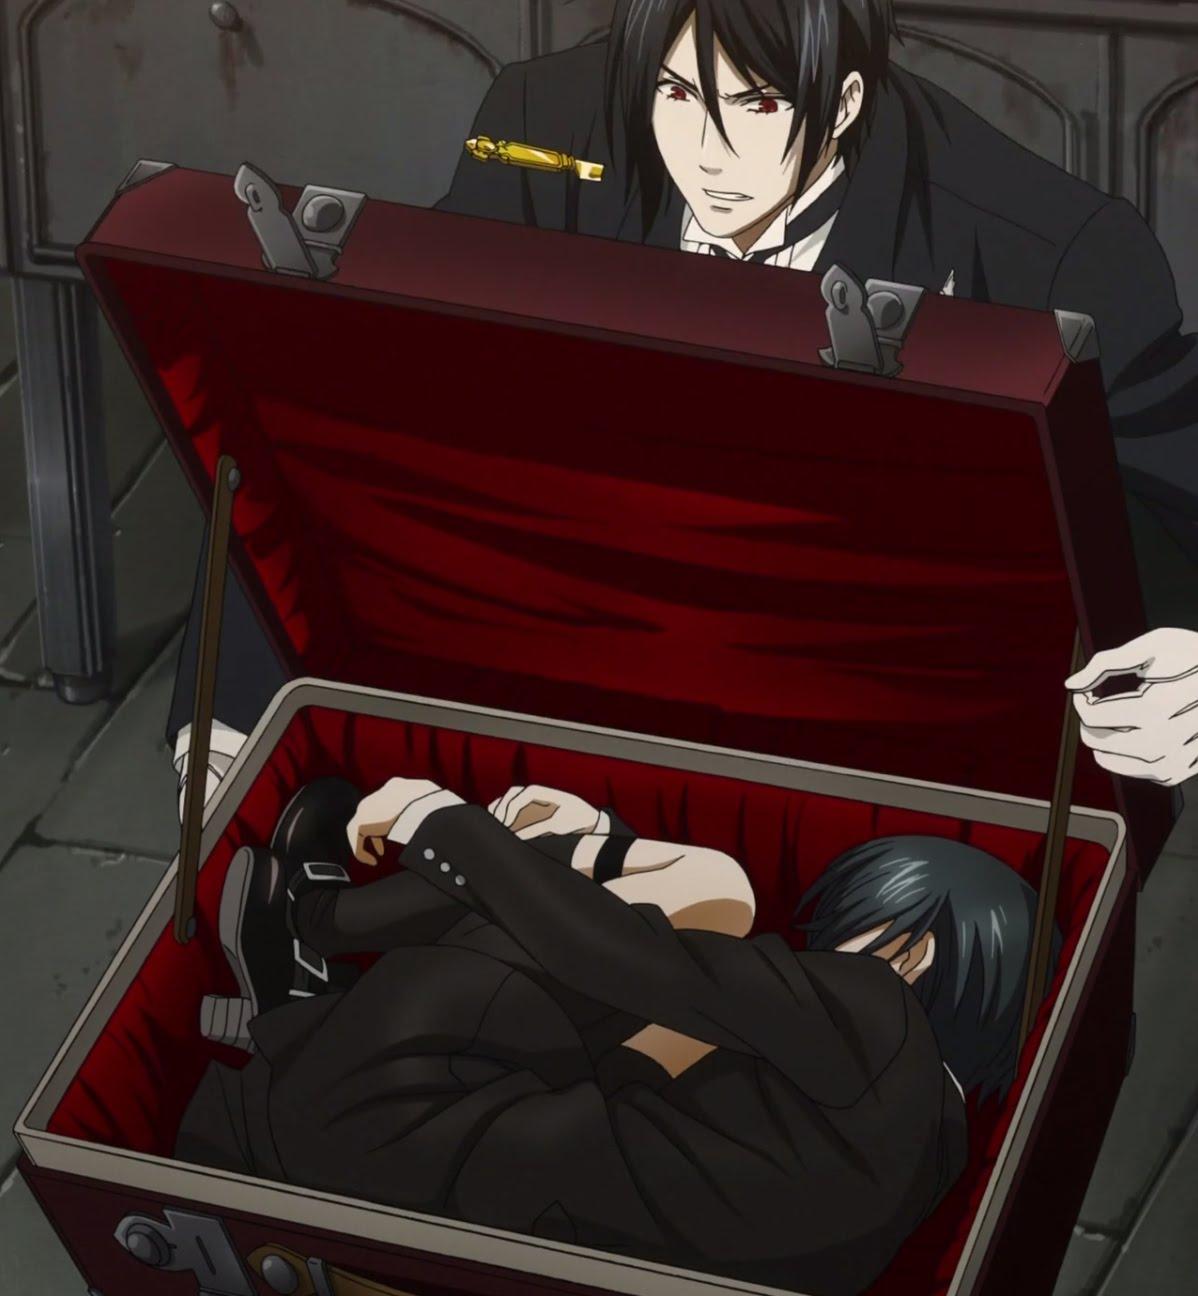 Ciel in a suit case